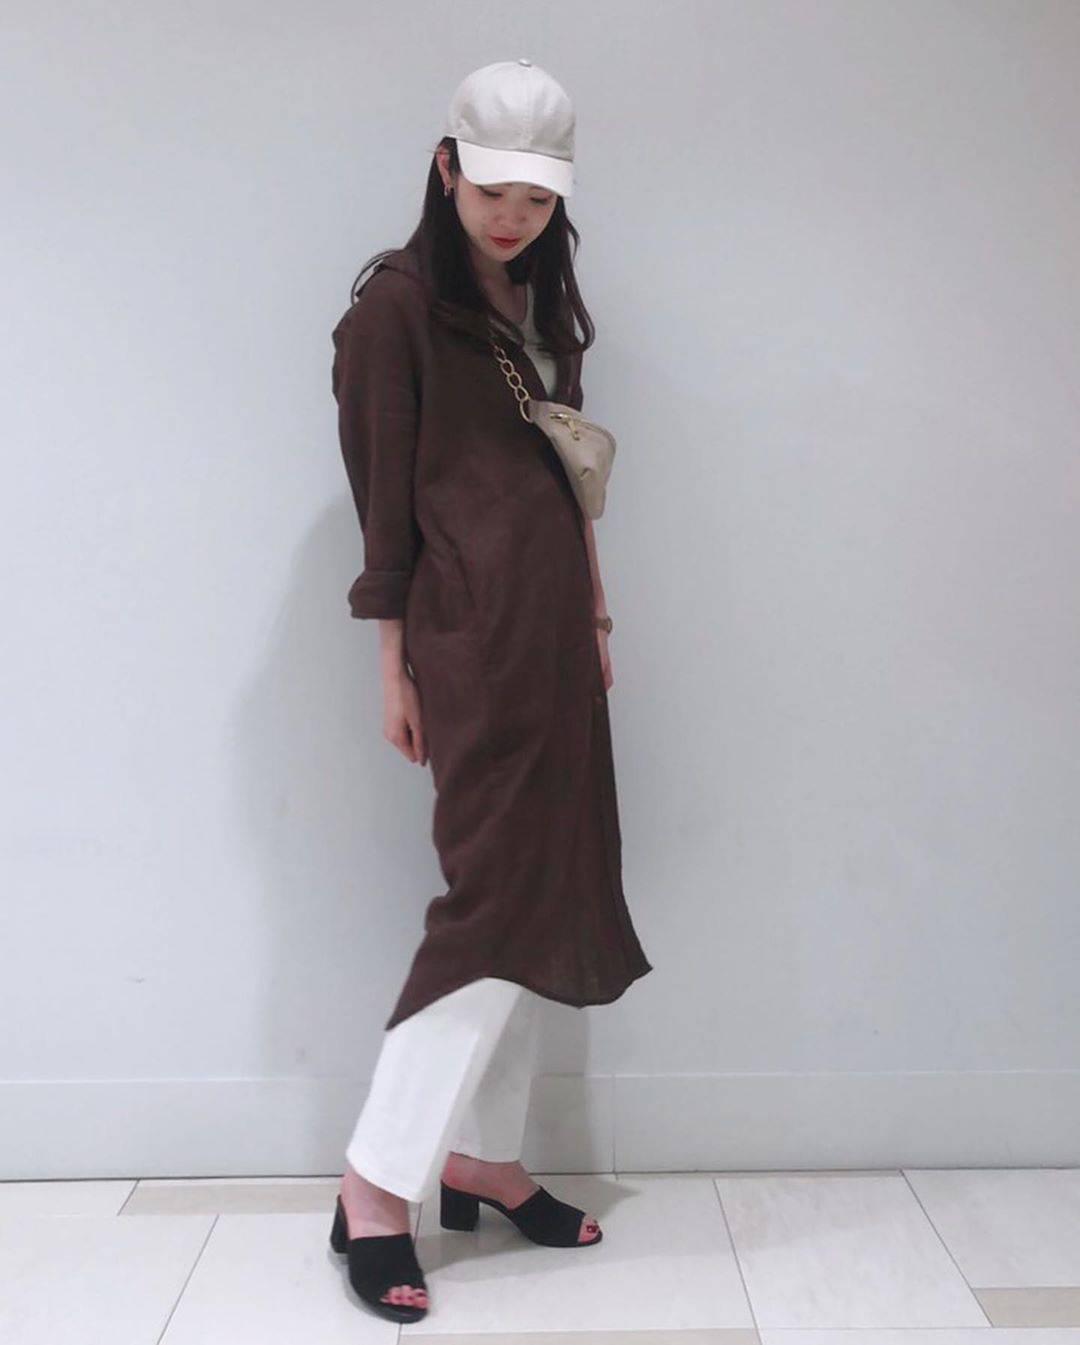 最高気温22度・最低気温14度 hikari_k0122の服装